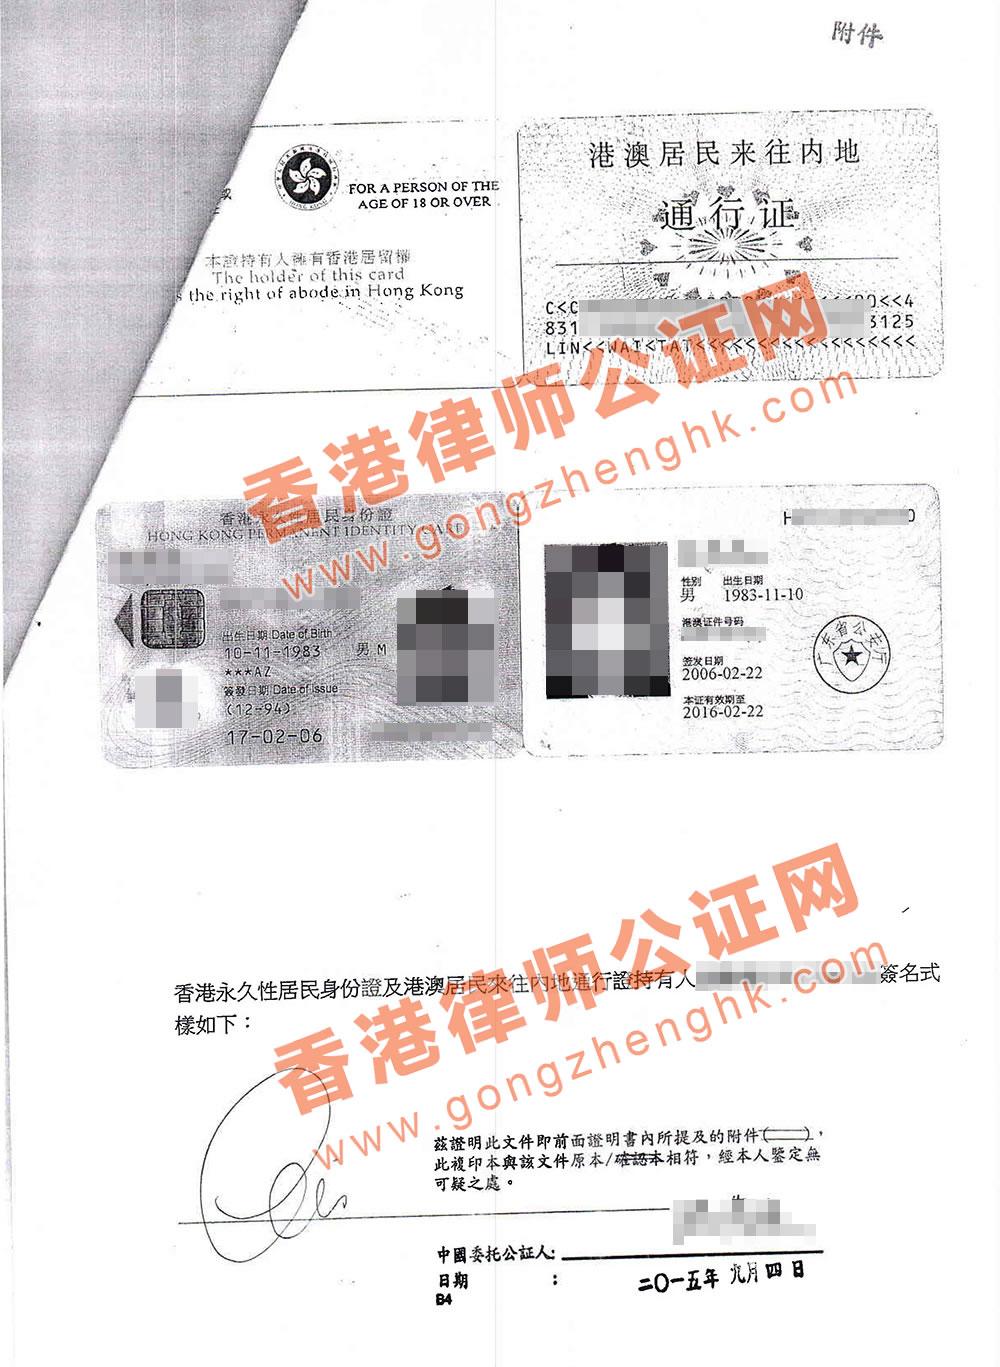 香港身份证公证样本